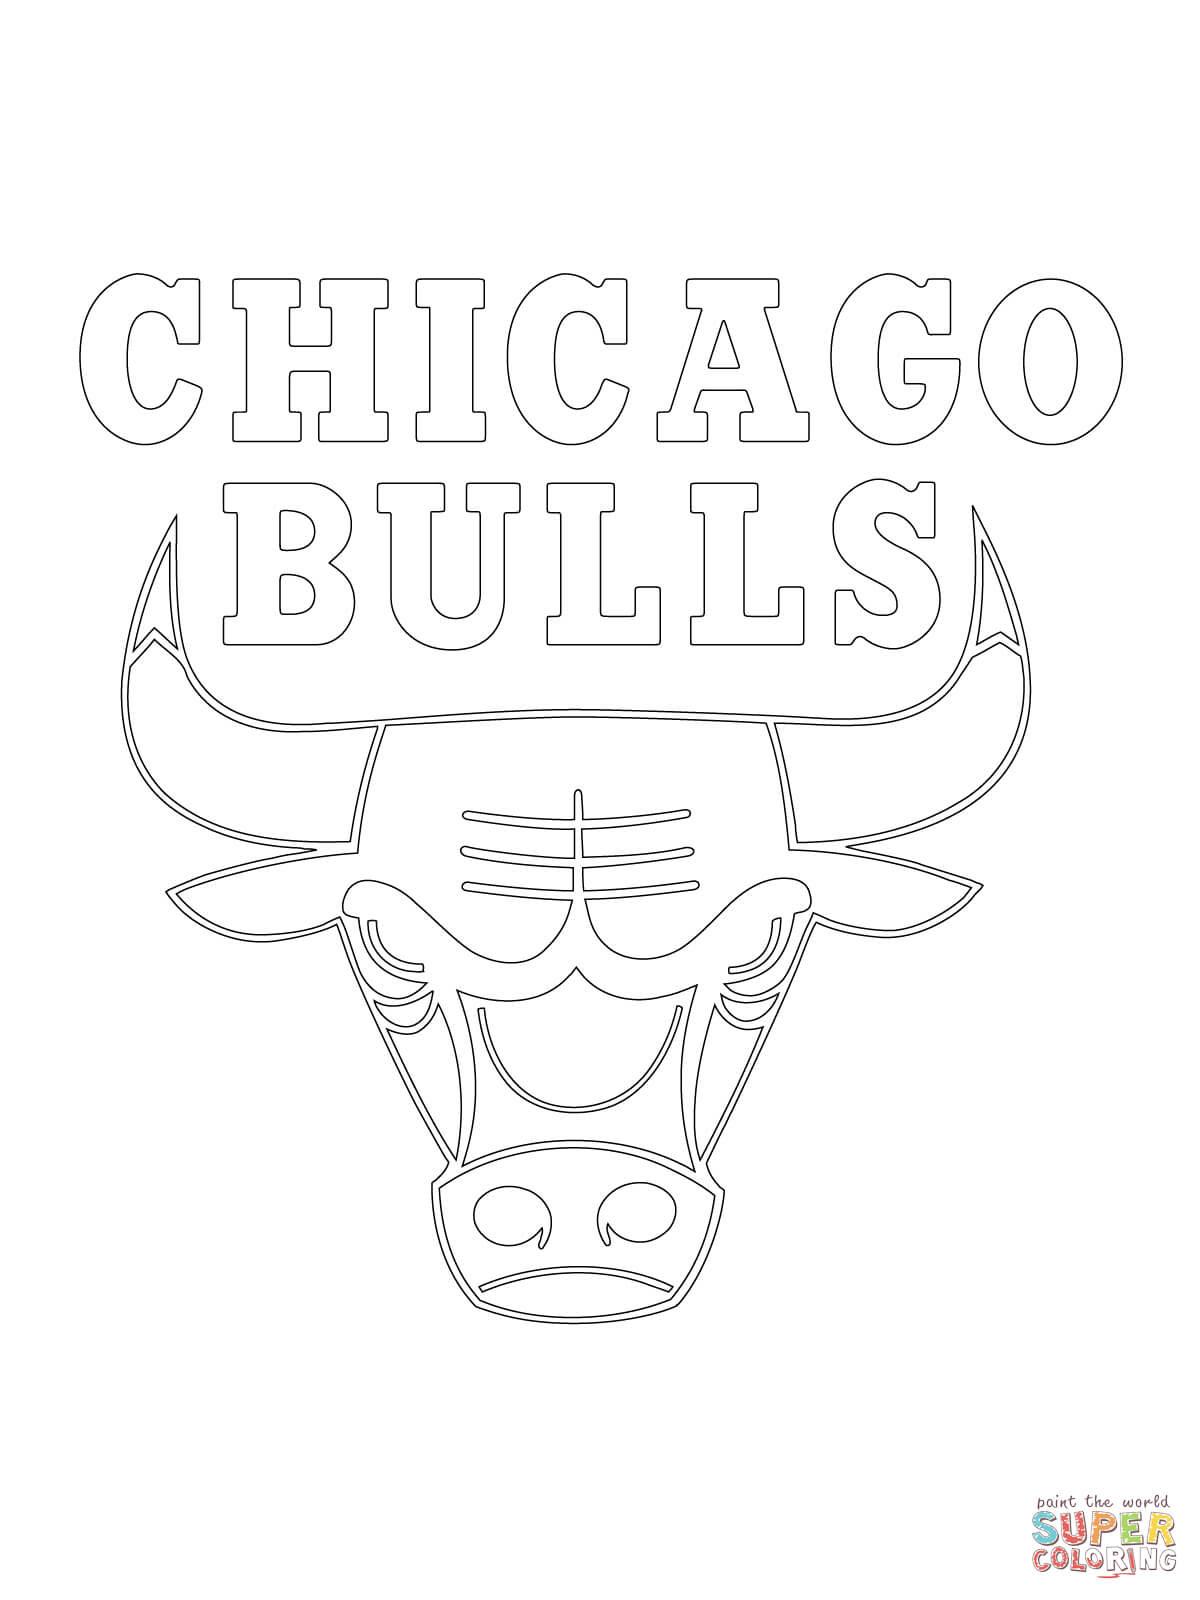 Bulls de Chicago coloriages pour visualiser la version imprimable ou colorier en ligne patible avec les tablettes iPad et Android